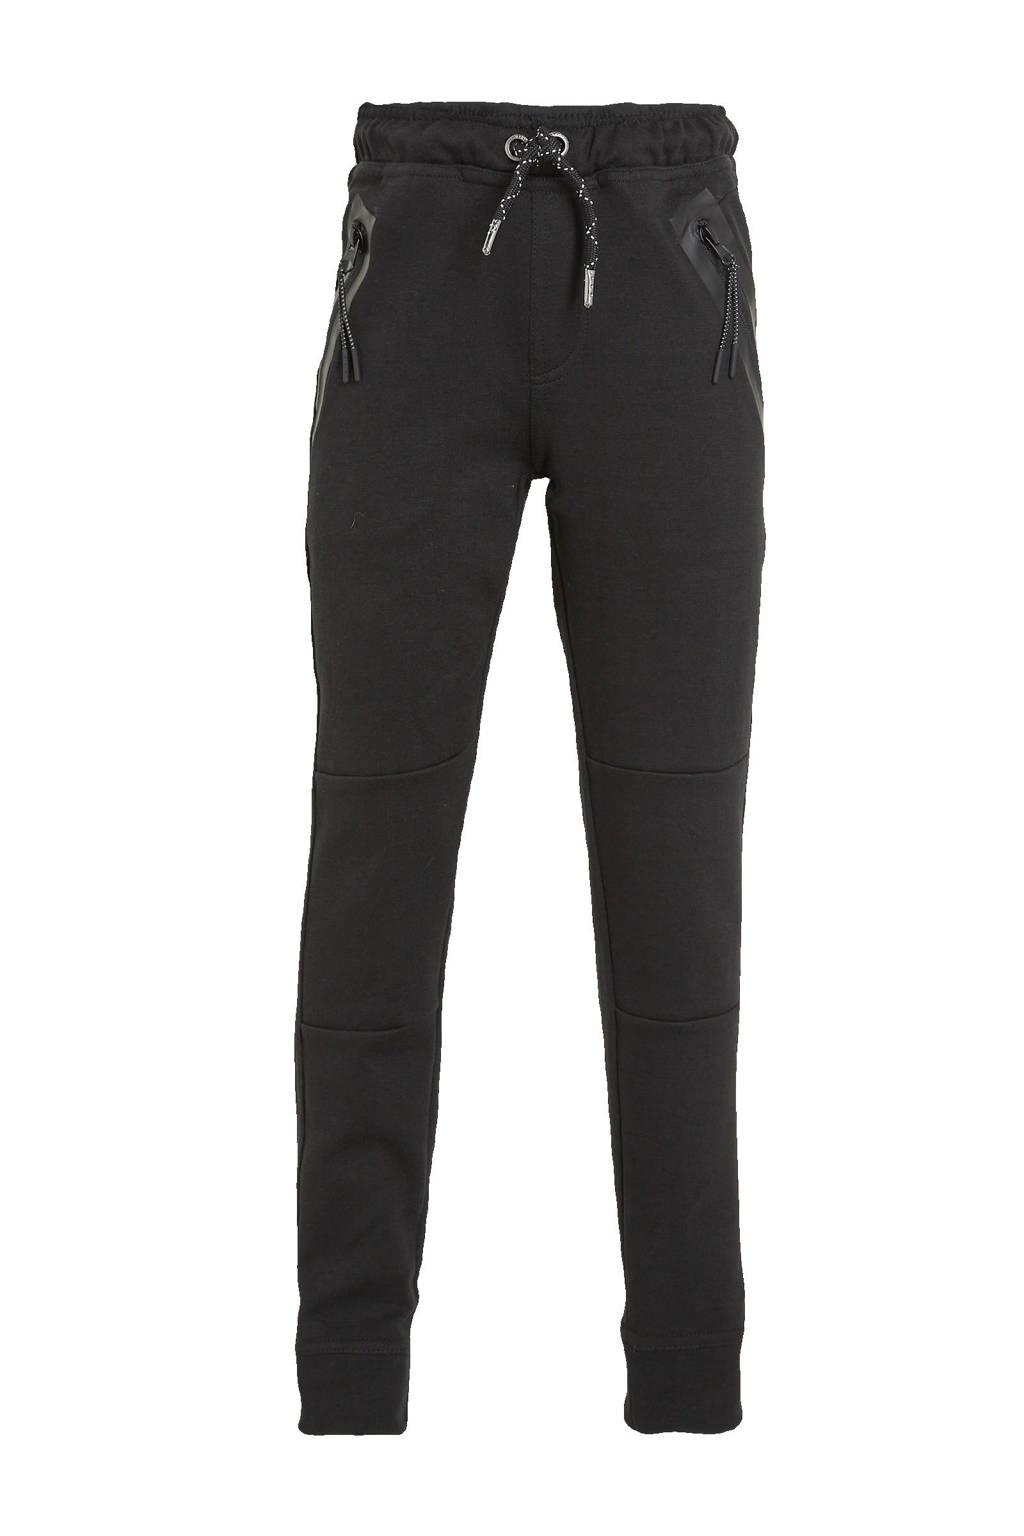 Cars regular fit joggingbroek Lax zwart, Zwart